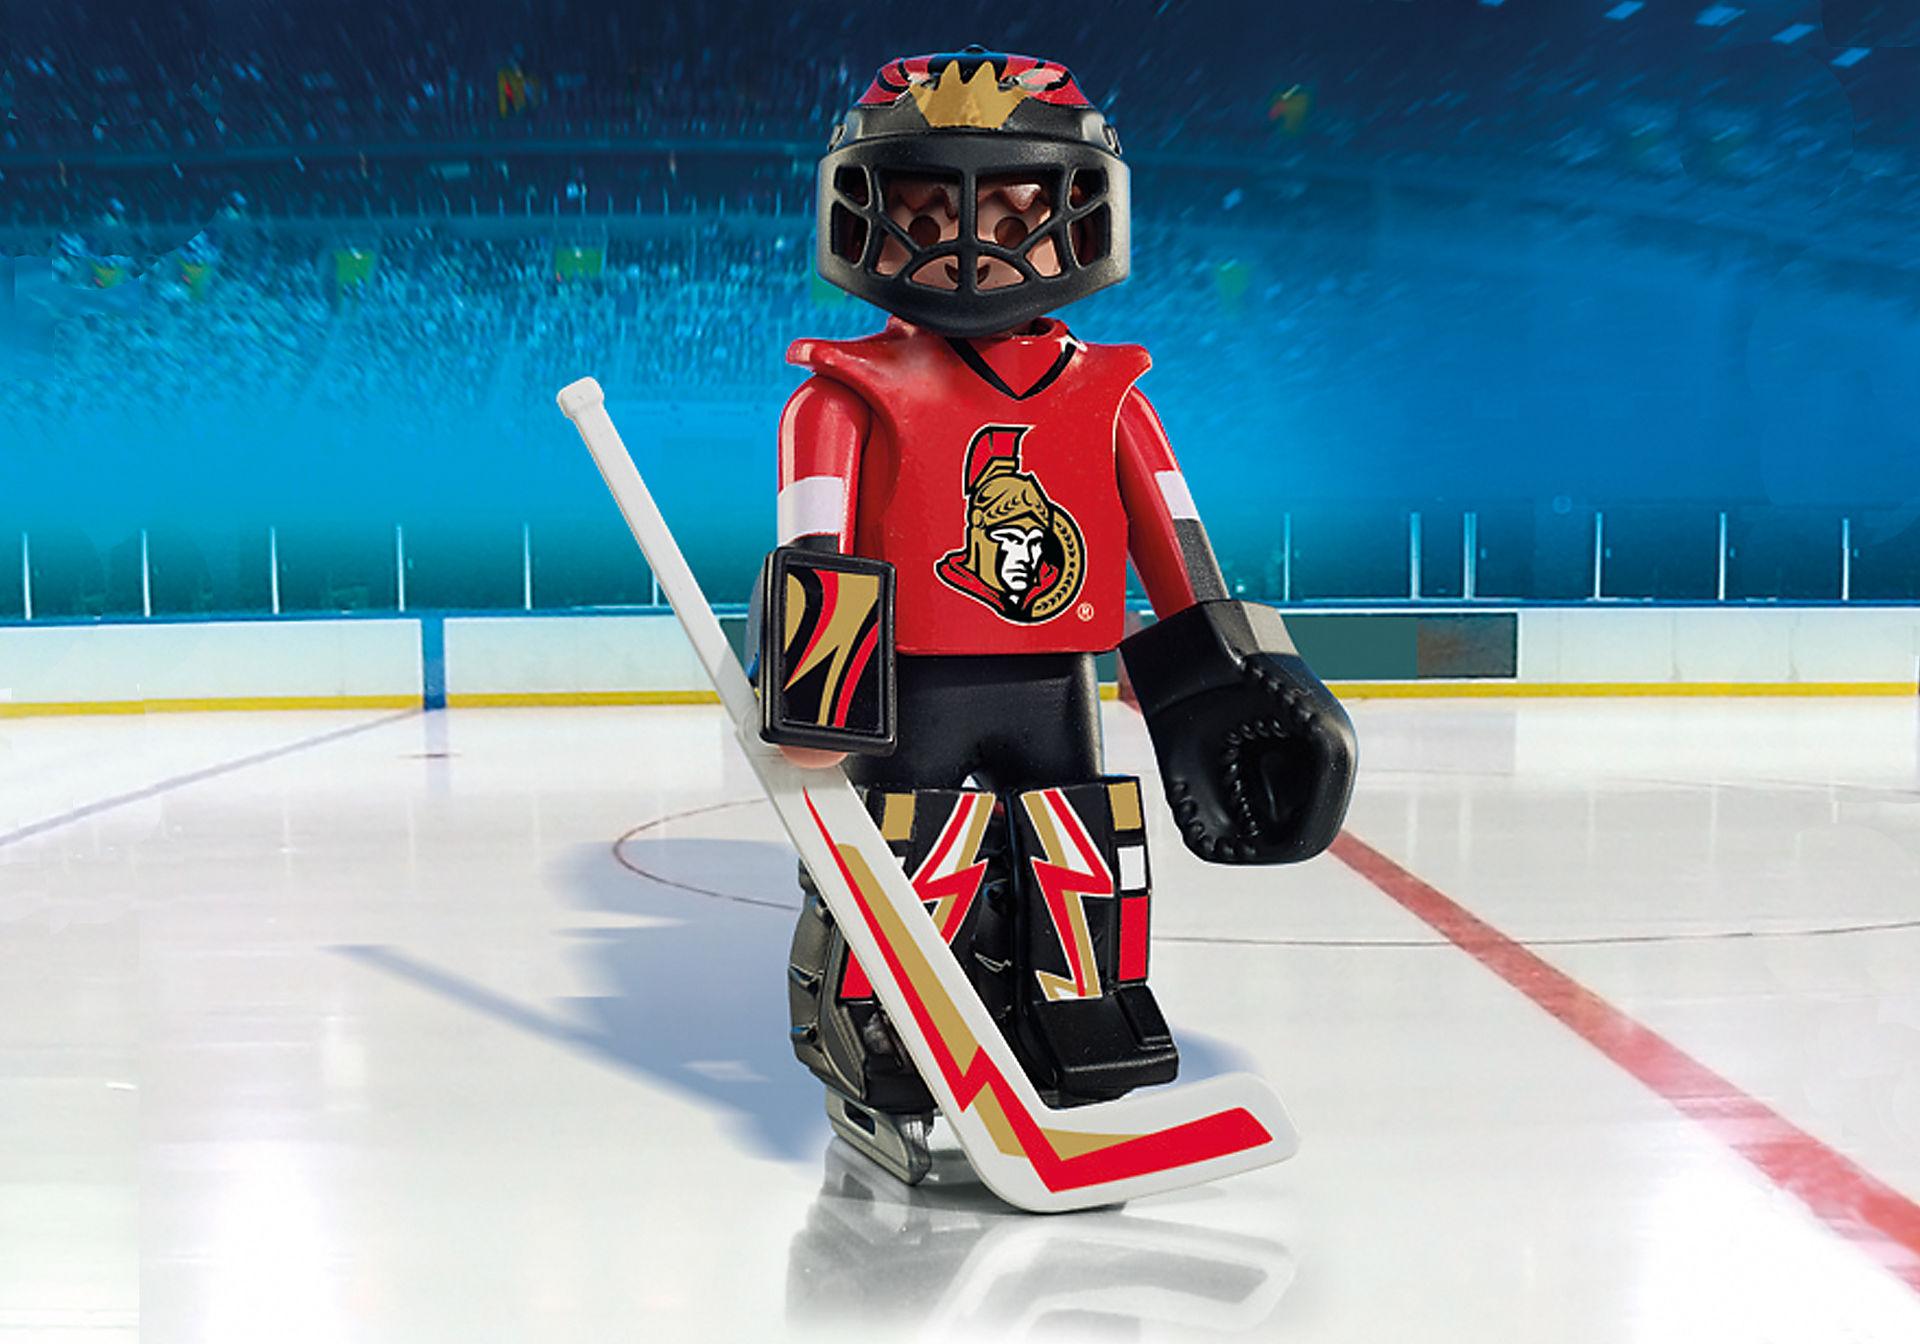 9018 NHL® Ottawa Senators® Goalie zoom image1